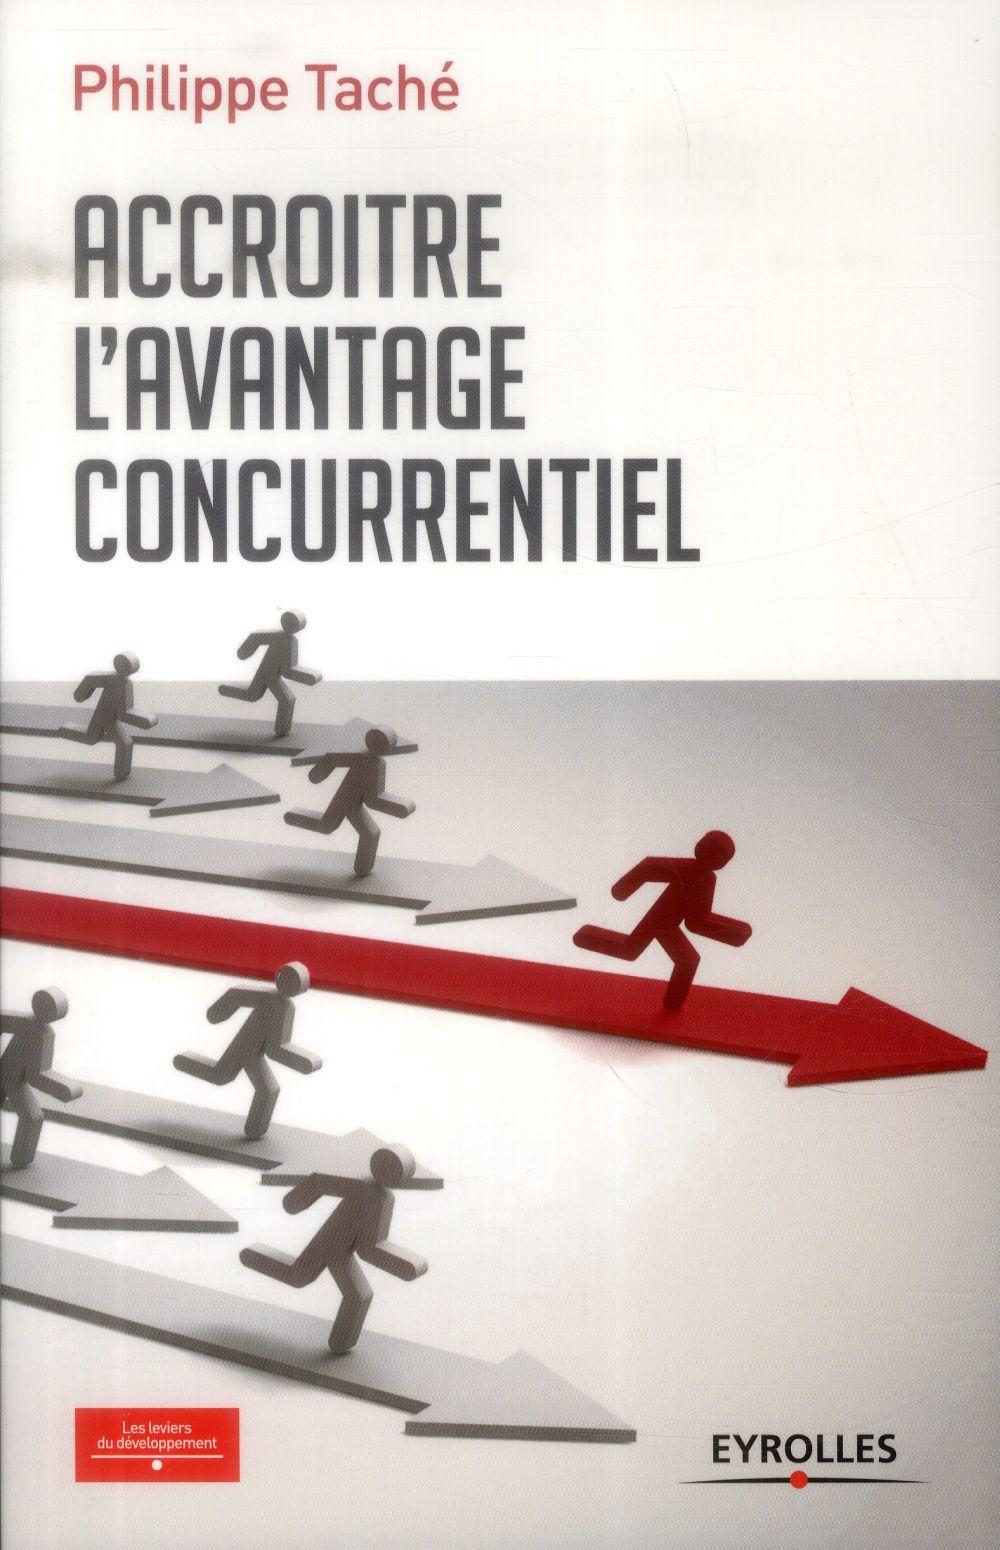 ACCROITRE L'AVANTAGE CONCURRENTIEL